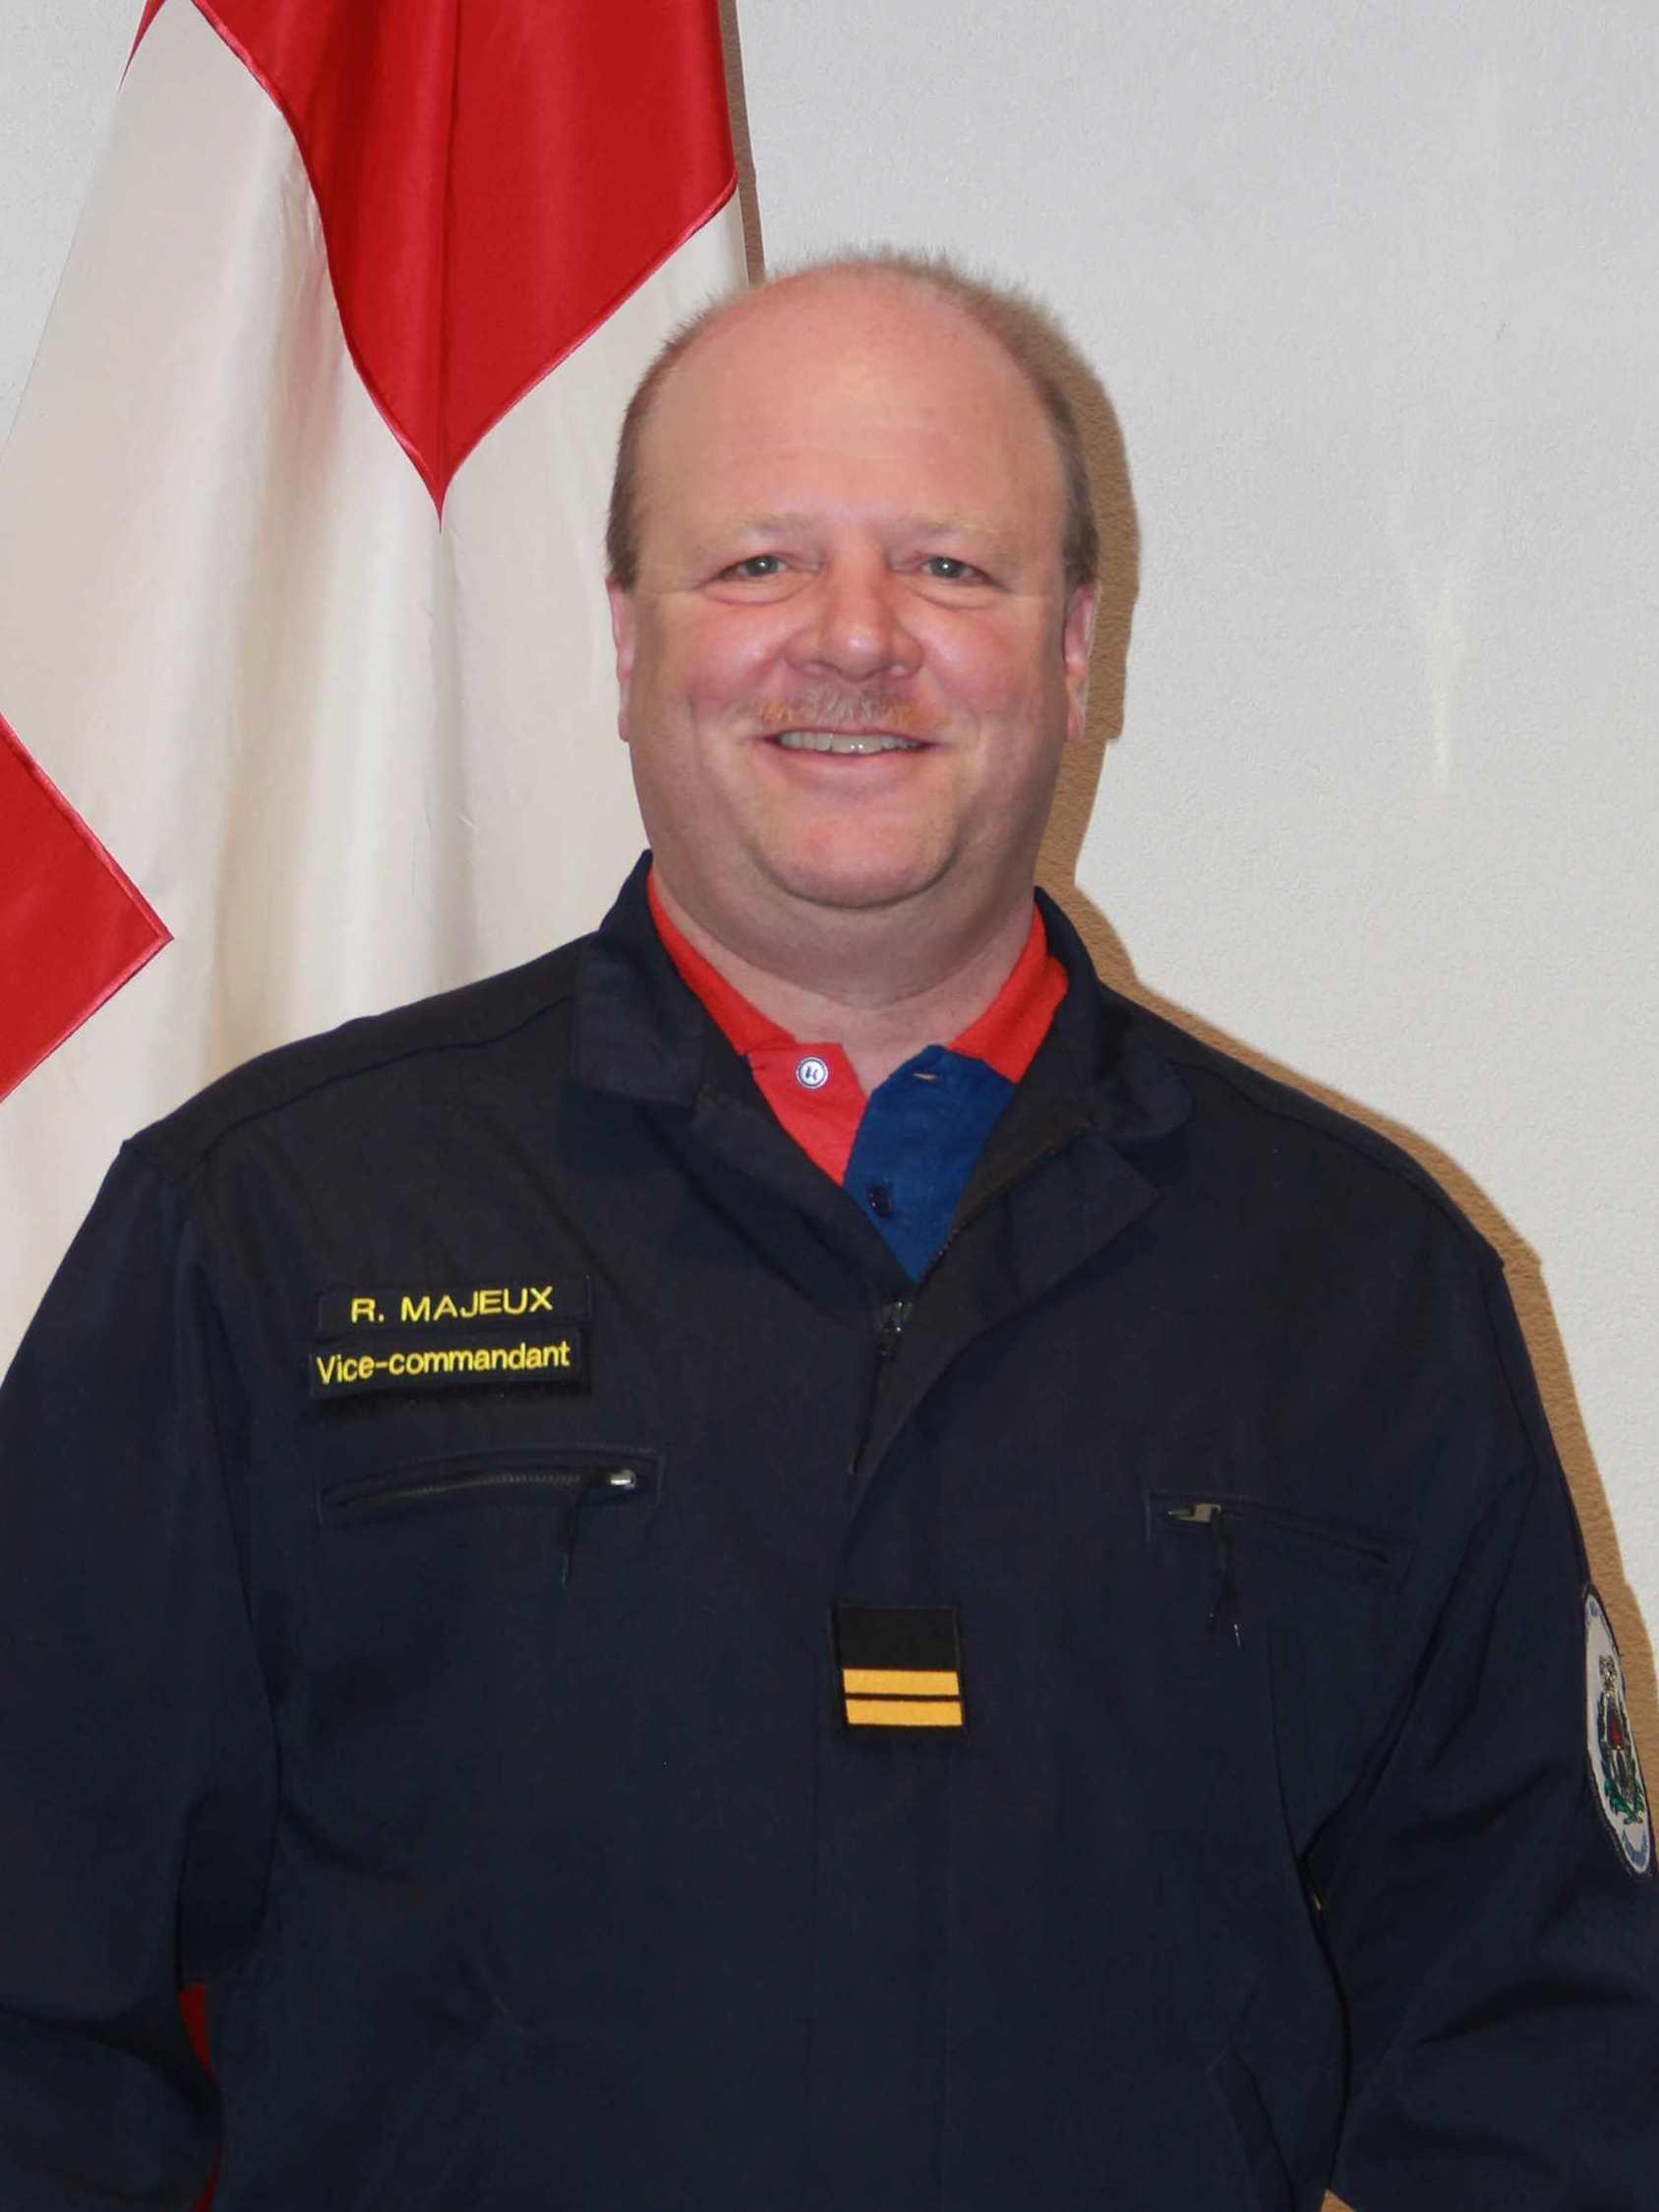 Lt-colonel Richard Majeux, Vice-commandant, Officier instructeur